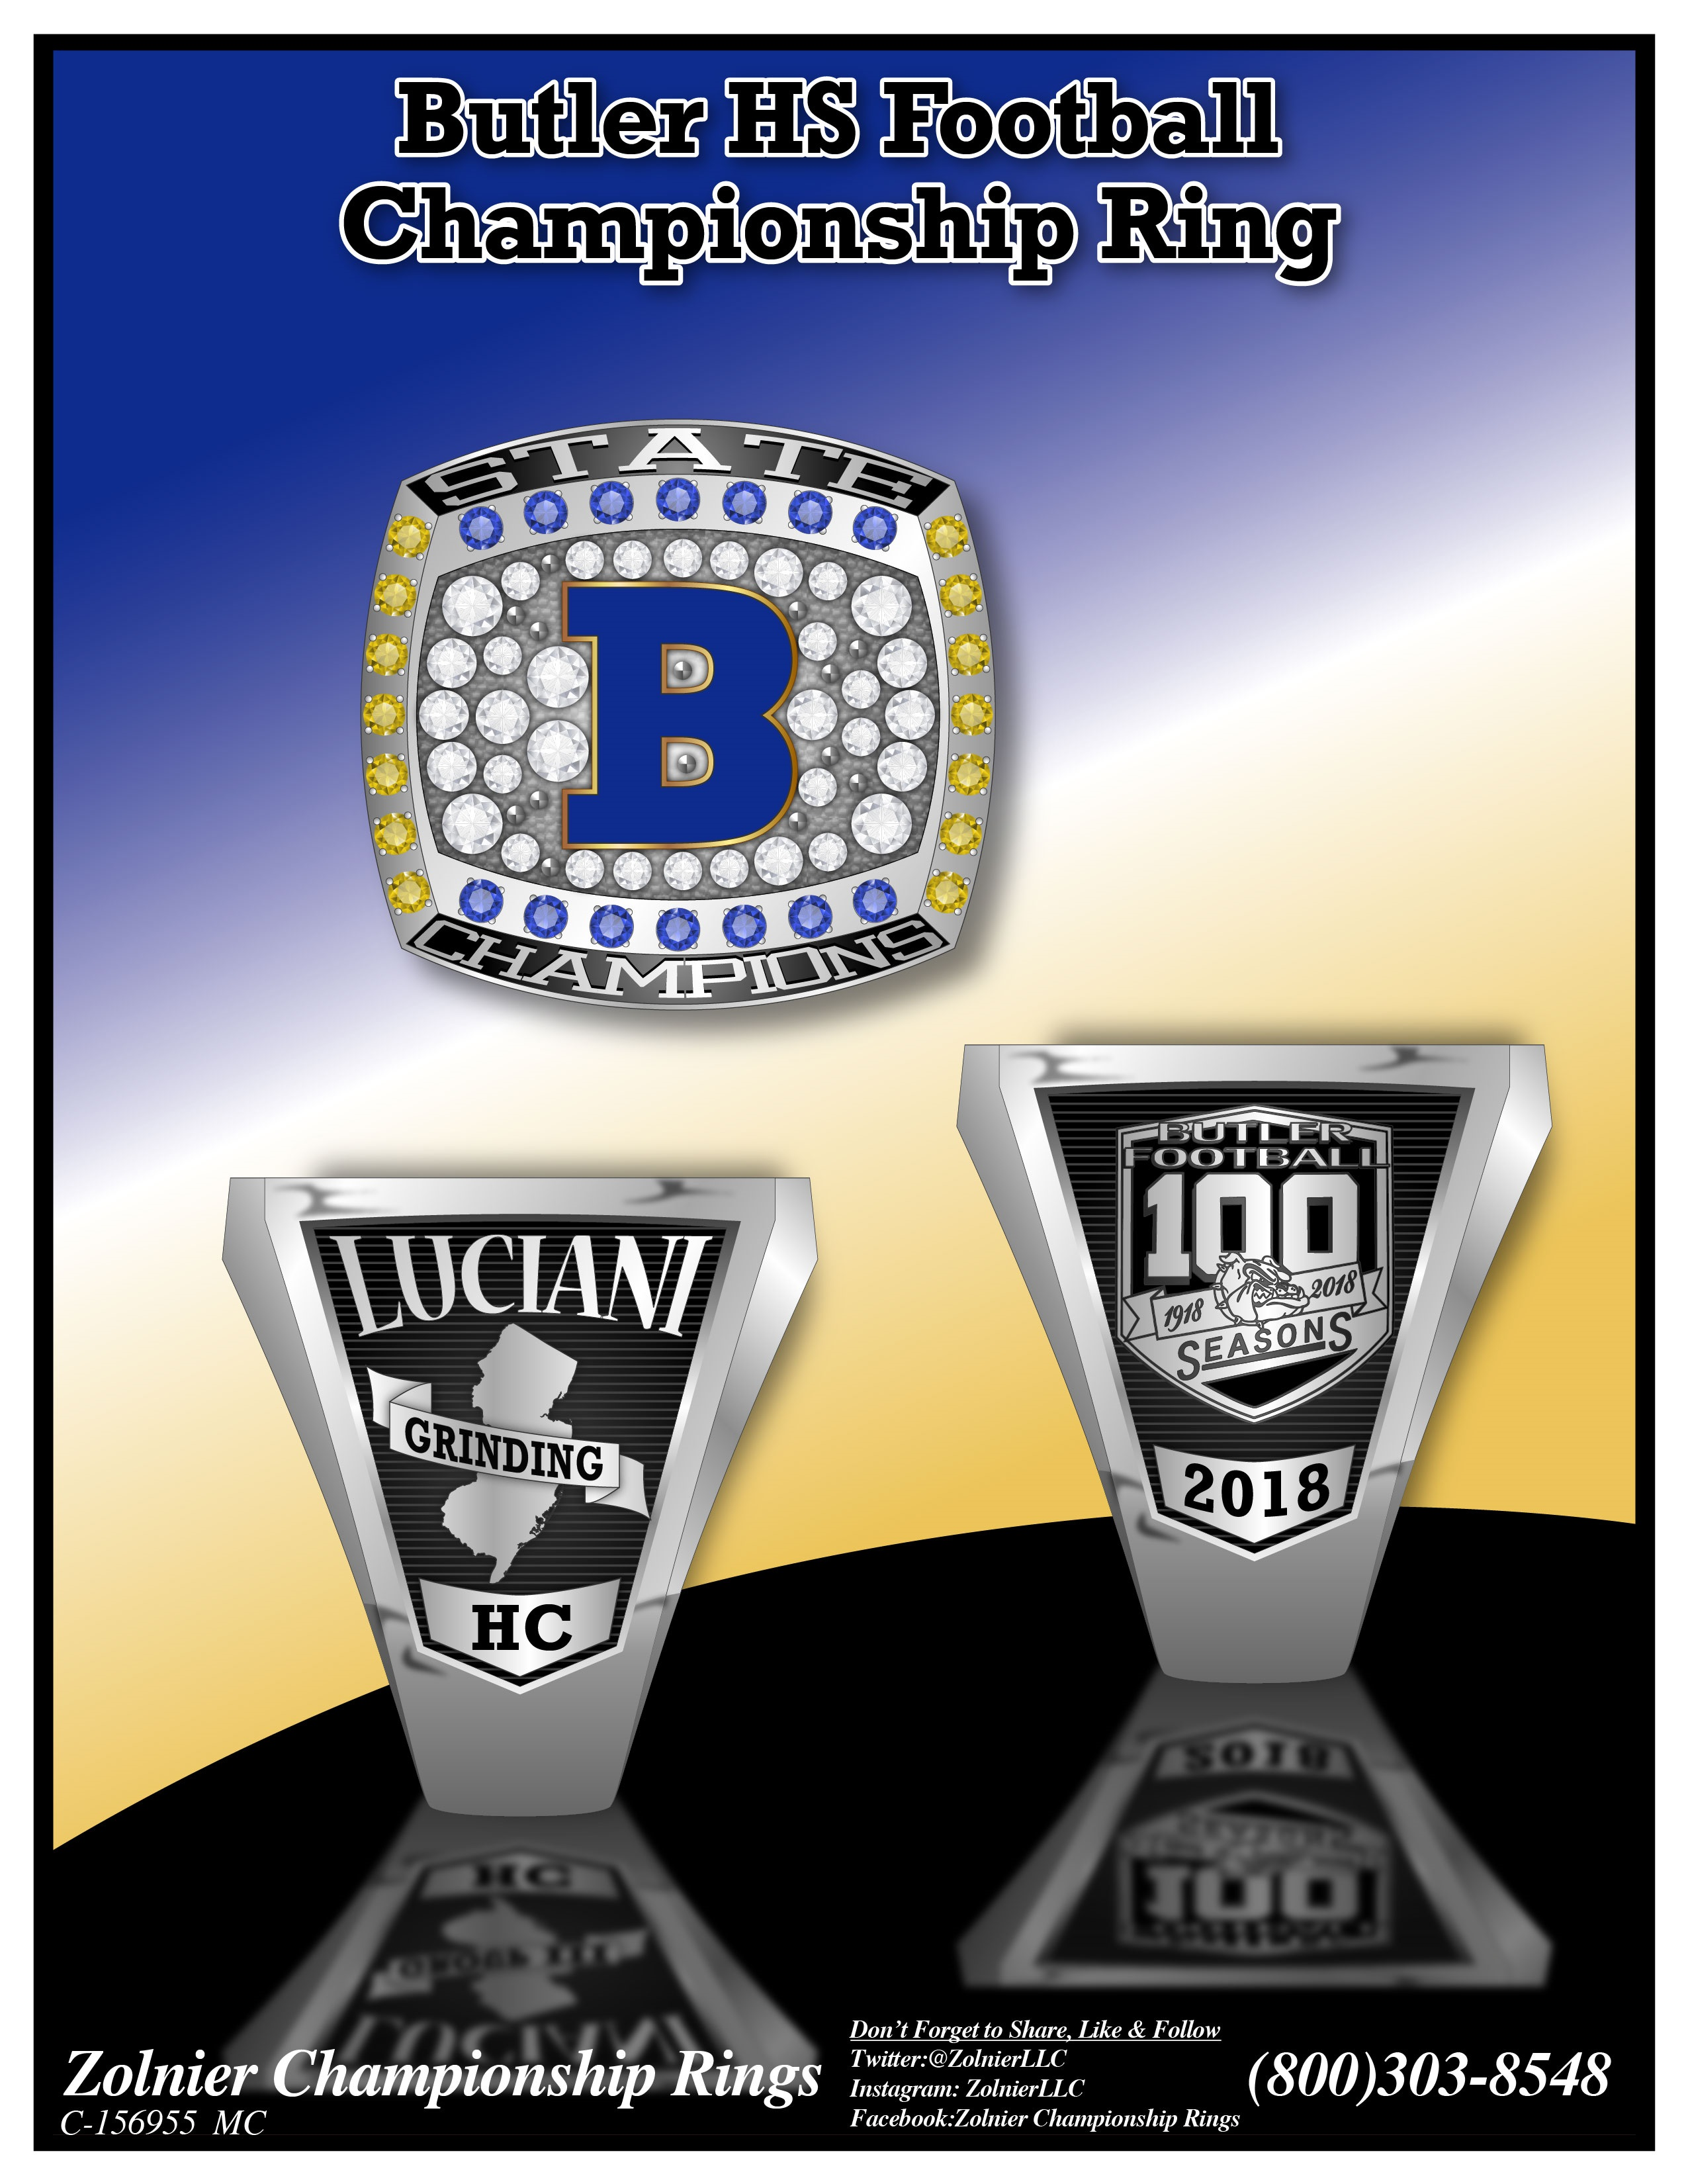 C-156955 Butler HS Football Champ Ring